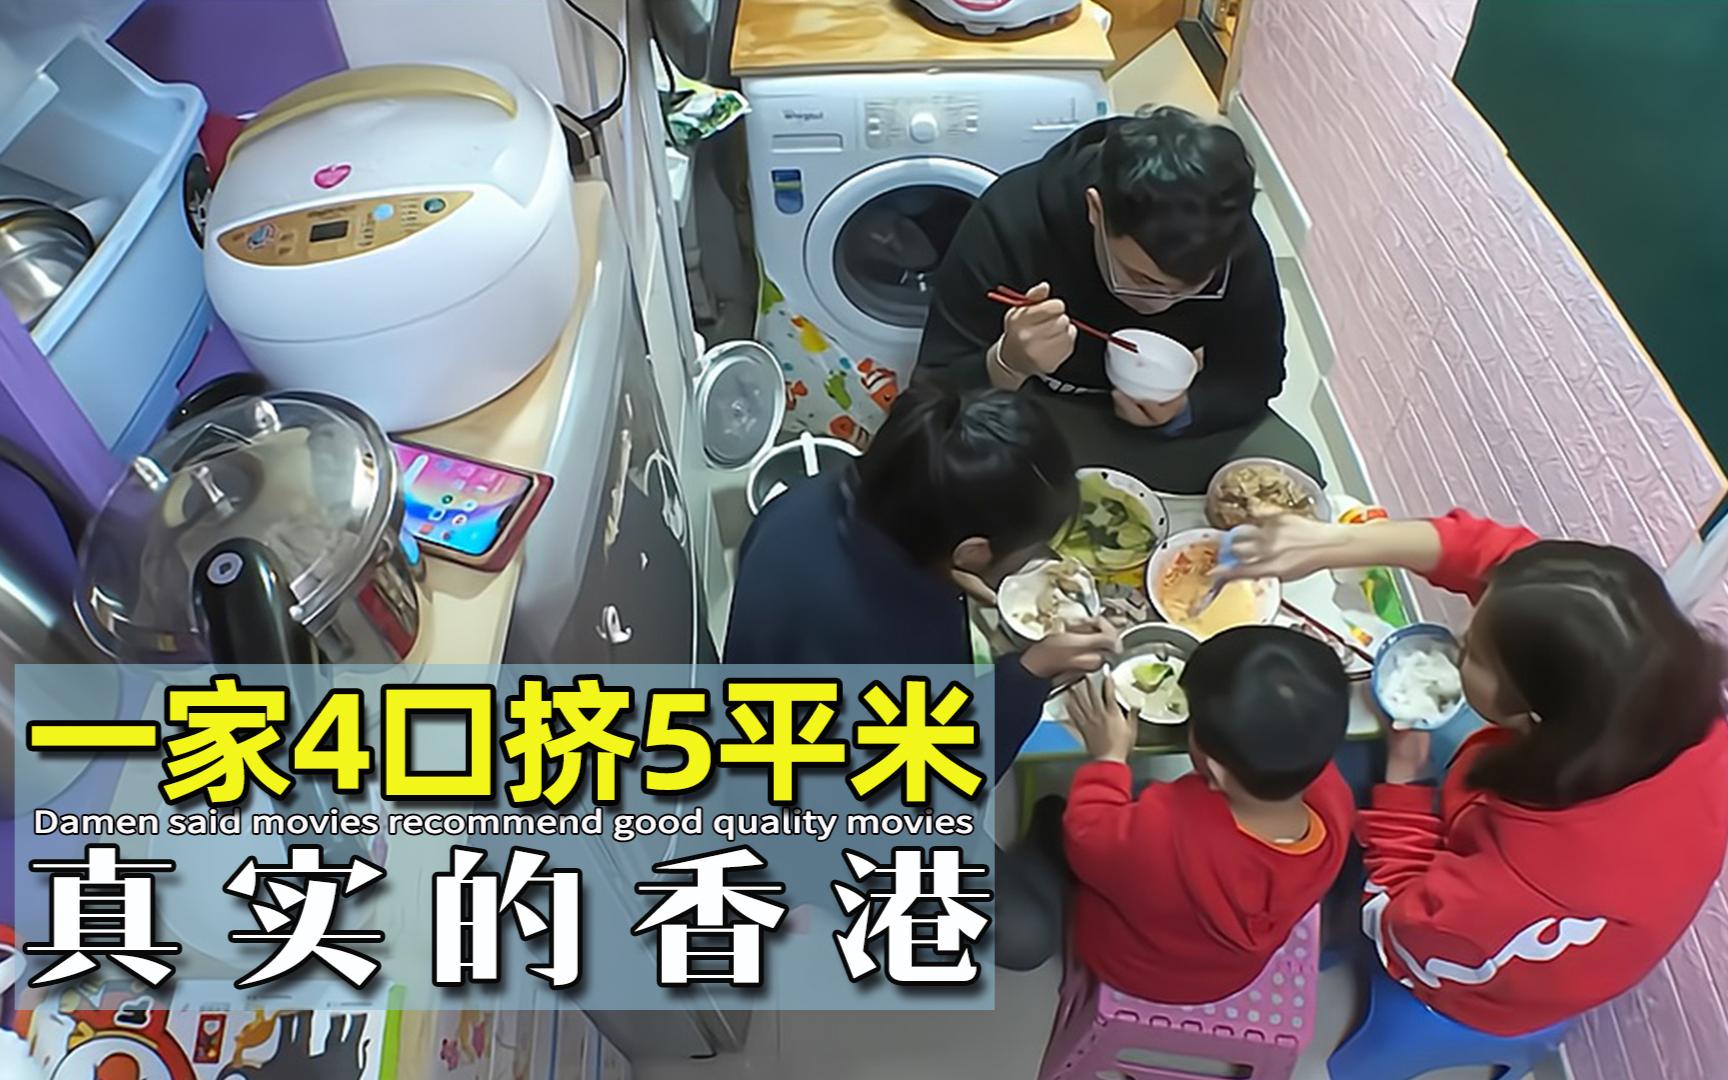 保安一家4人在香港住5平,压抑的蜗居生活,现实纪录片